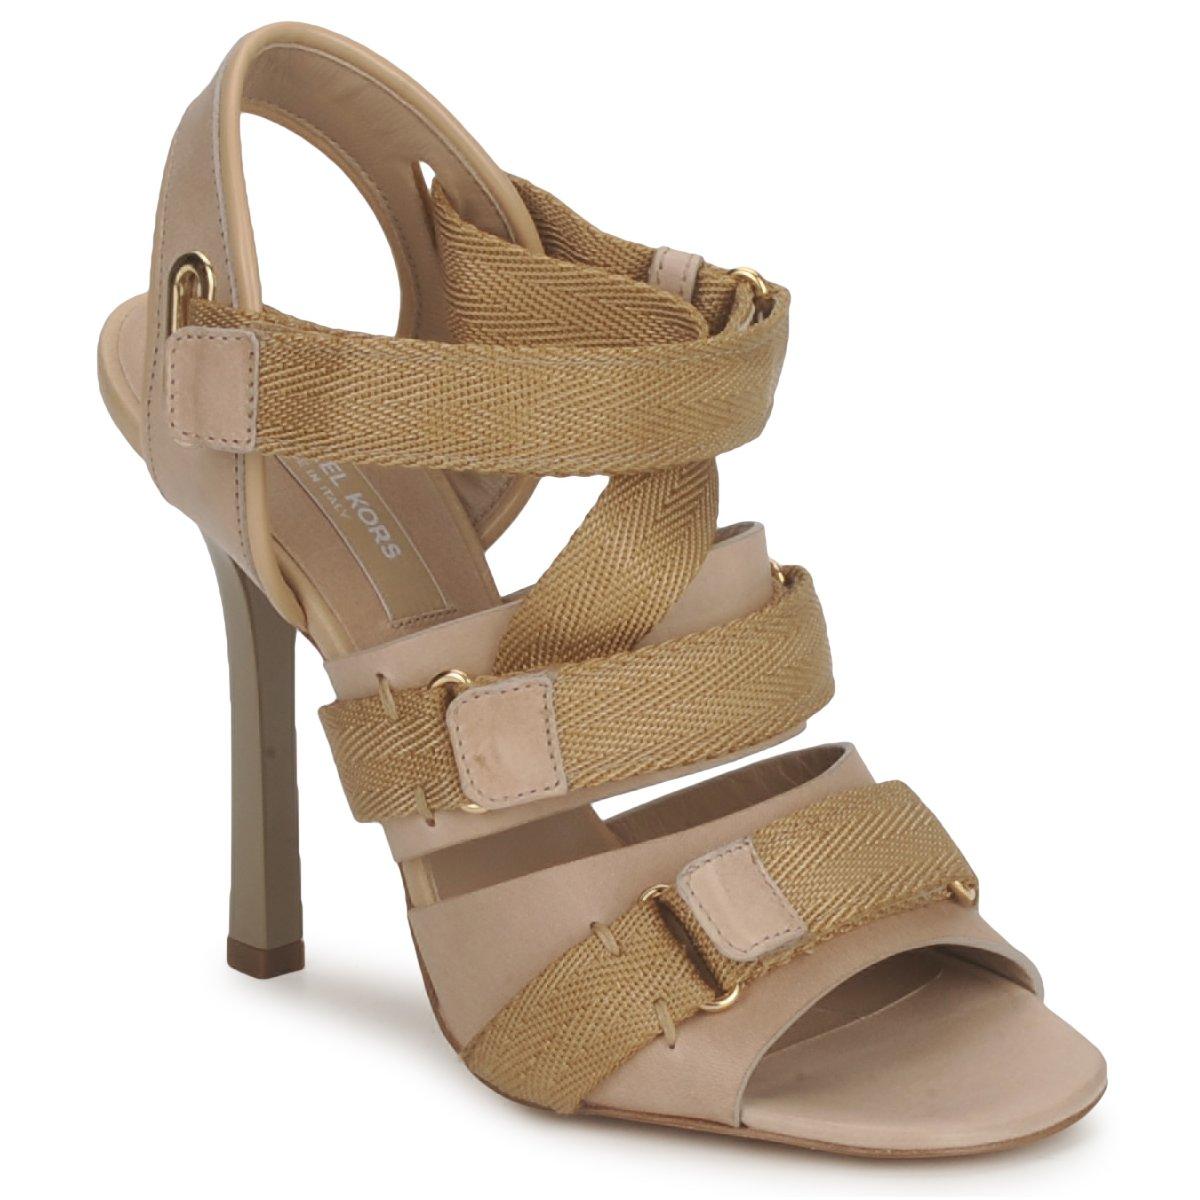 Sandale Michael Kors MK118113 Desert / Beige